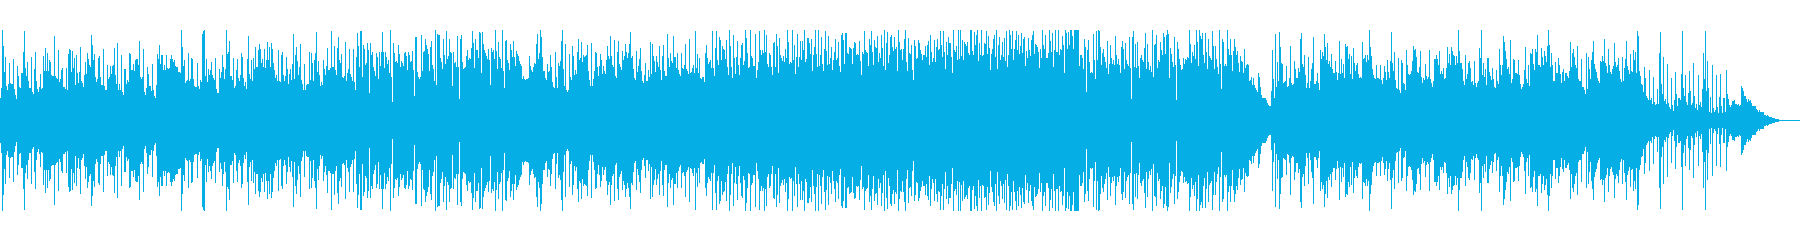 哀愁漂うメロディーが印象的なポップスの再生済みの波形